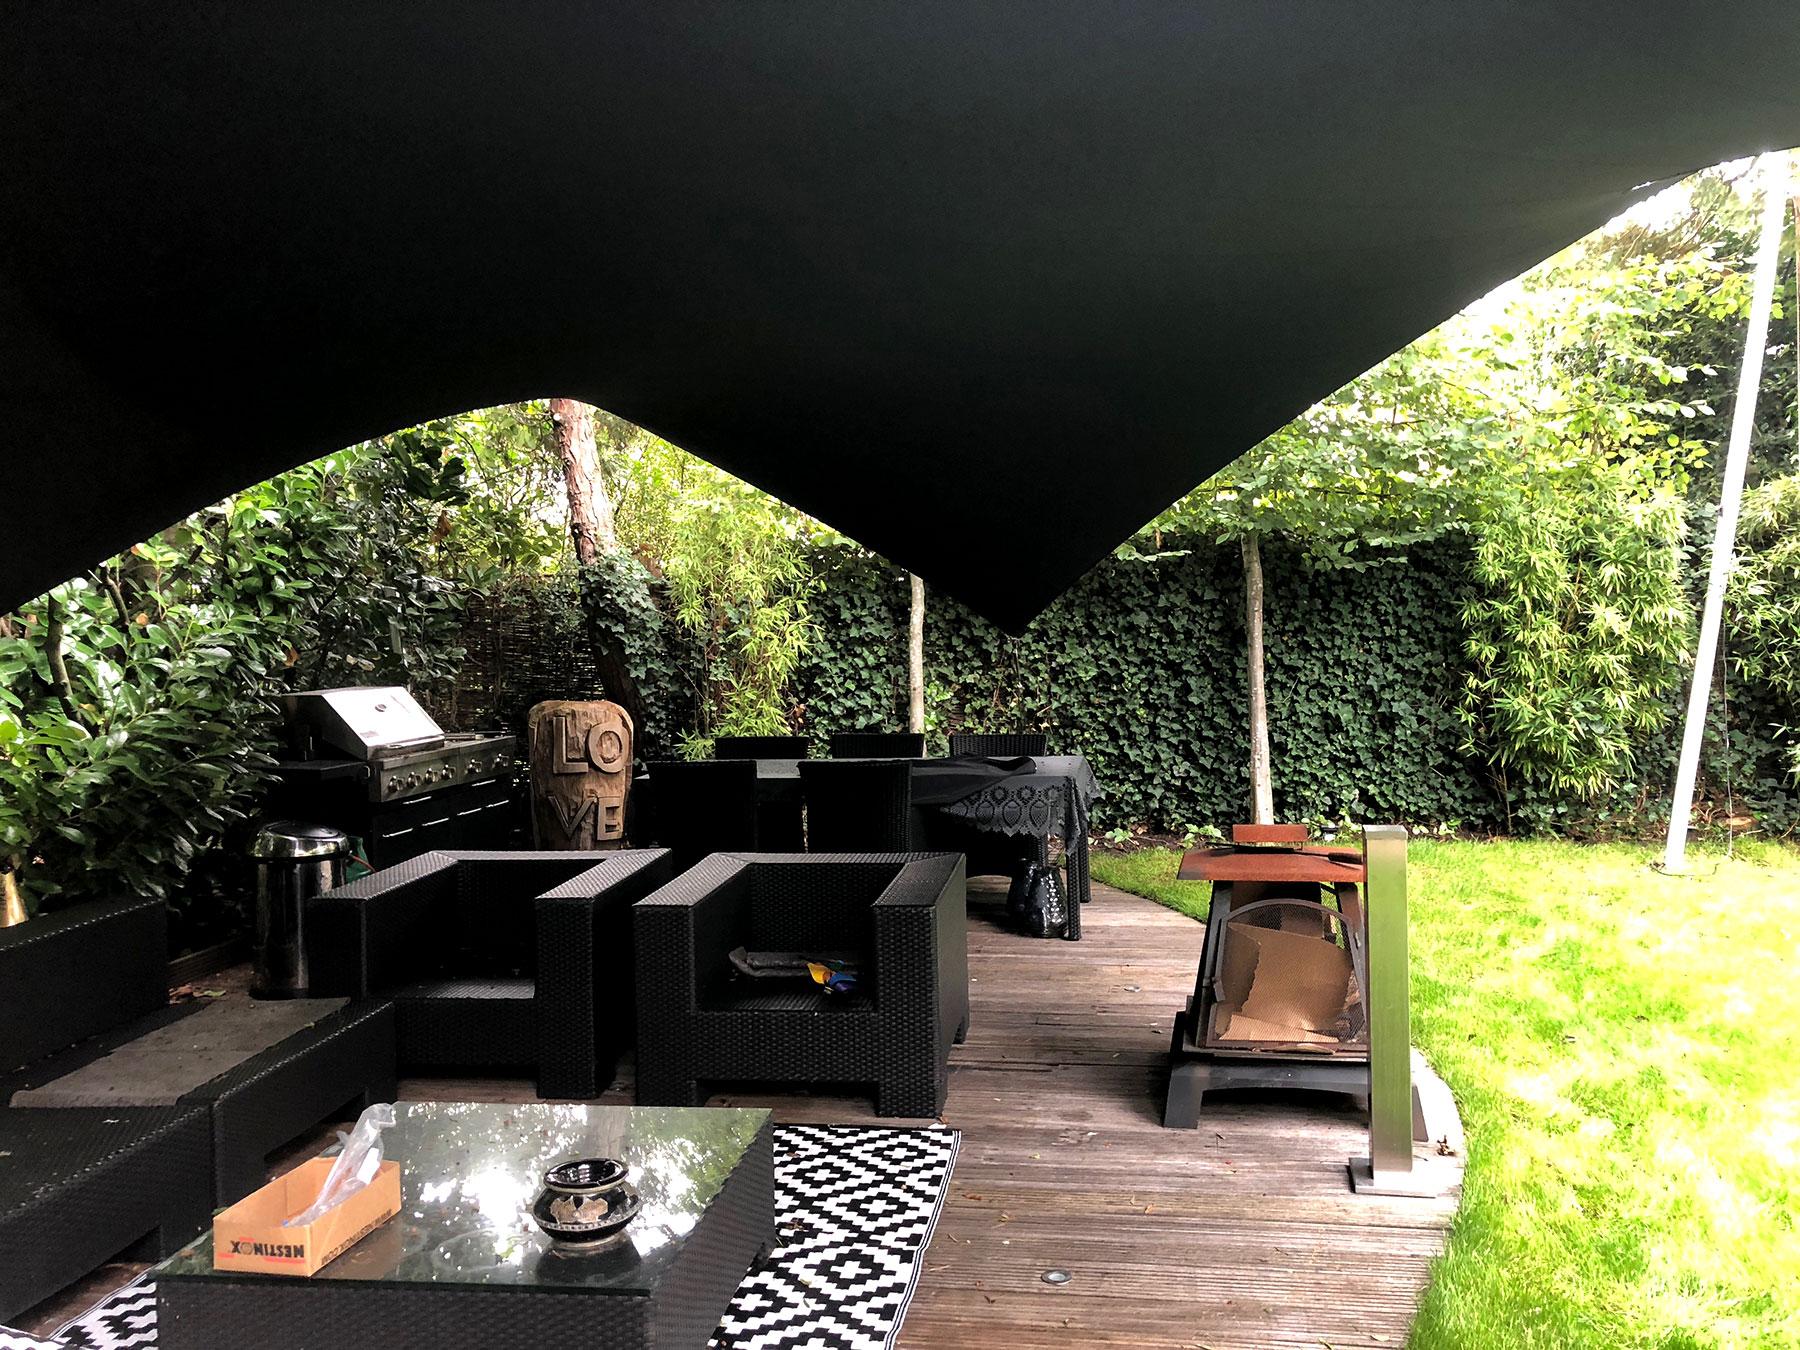 Met een luxe en high-end design overkapping van Texstyleroofs bieden wij u de mogelijkheid om heerlijk comfortabel en sfeervol te genieten van uw tuin of terras.